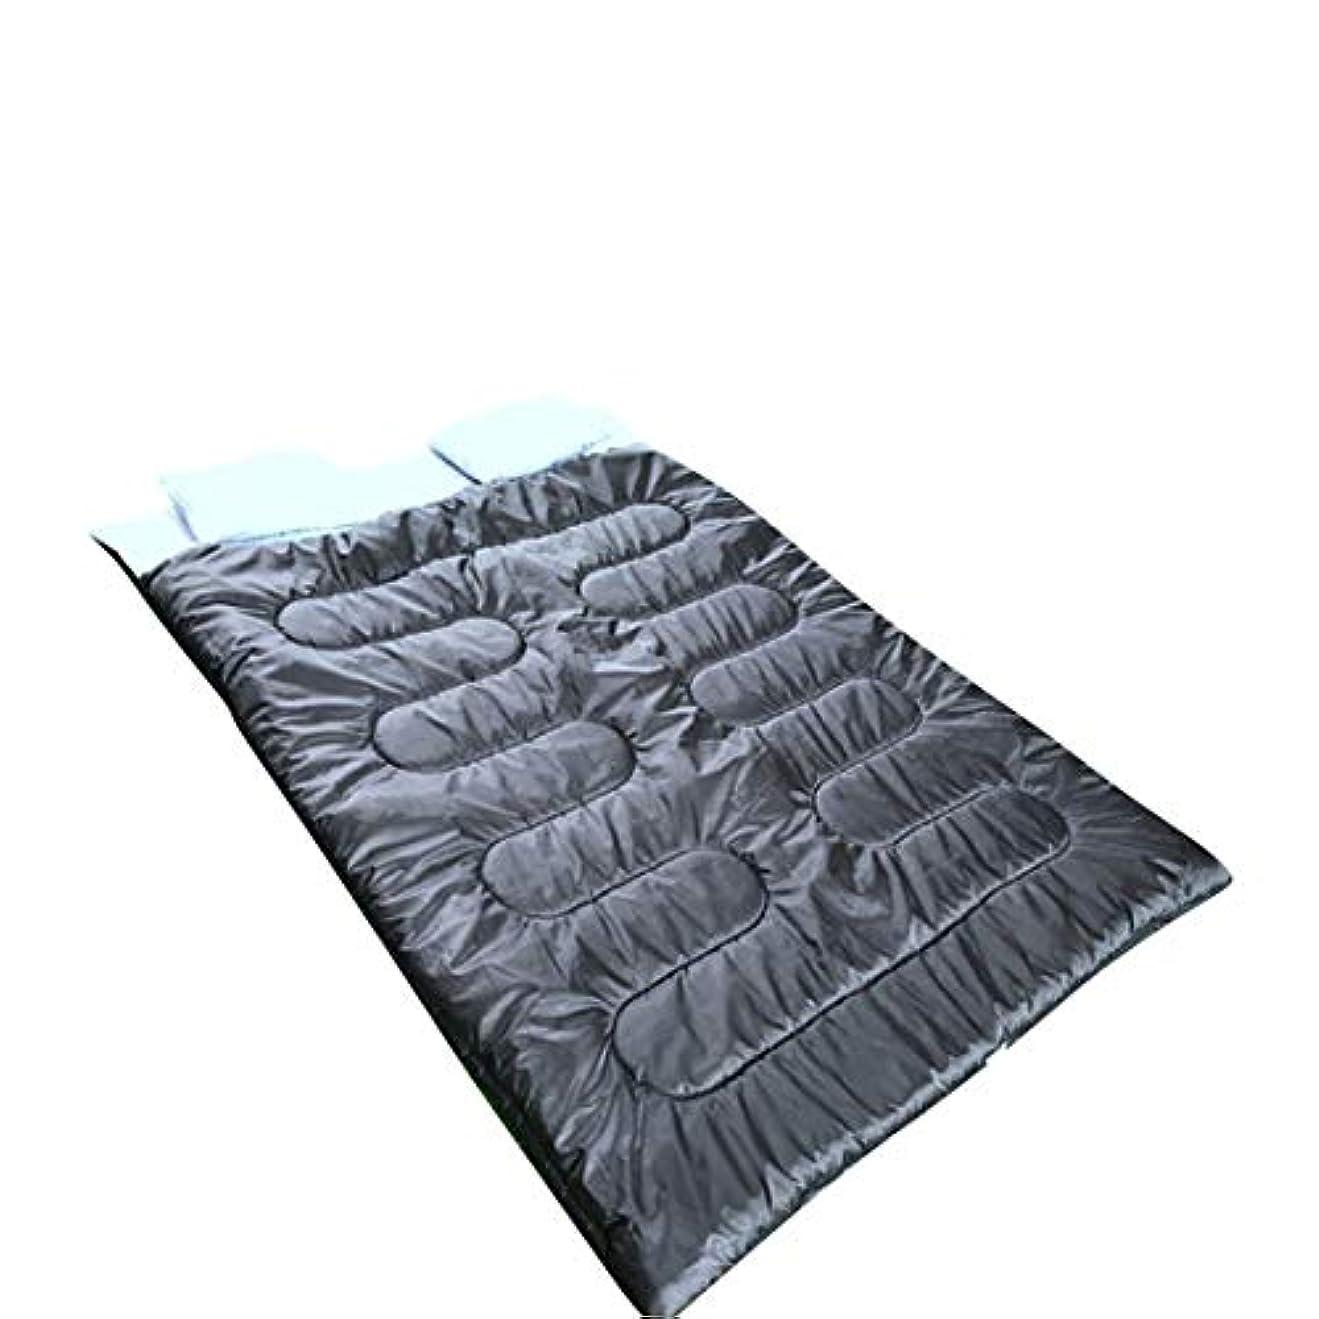 実験パイ力学Makecny 2つの枕の防水バックパックダブル寝袋 - 驚くほど軽量、コンパクト、快適&暖かい - バックパック、キャンプなどのためダブルサイズまたは2シングルバッグに変換